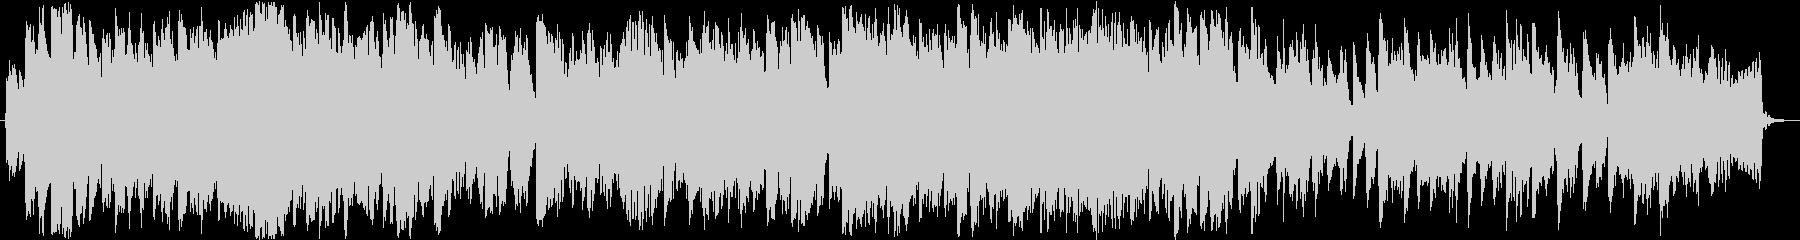 ピアノ フルート ほのぼの ドラマチックの未再生の波形